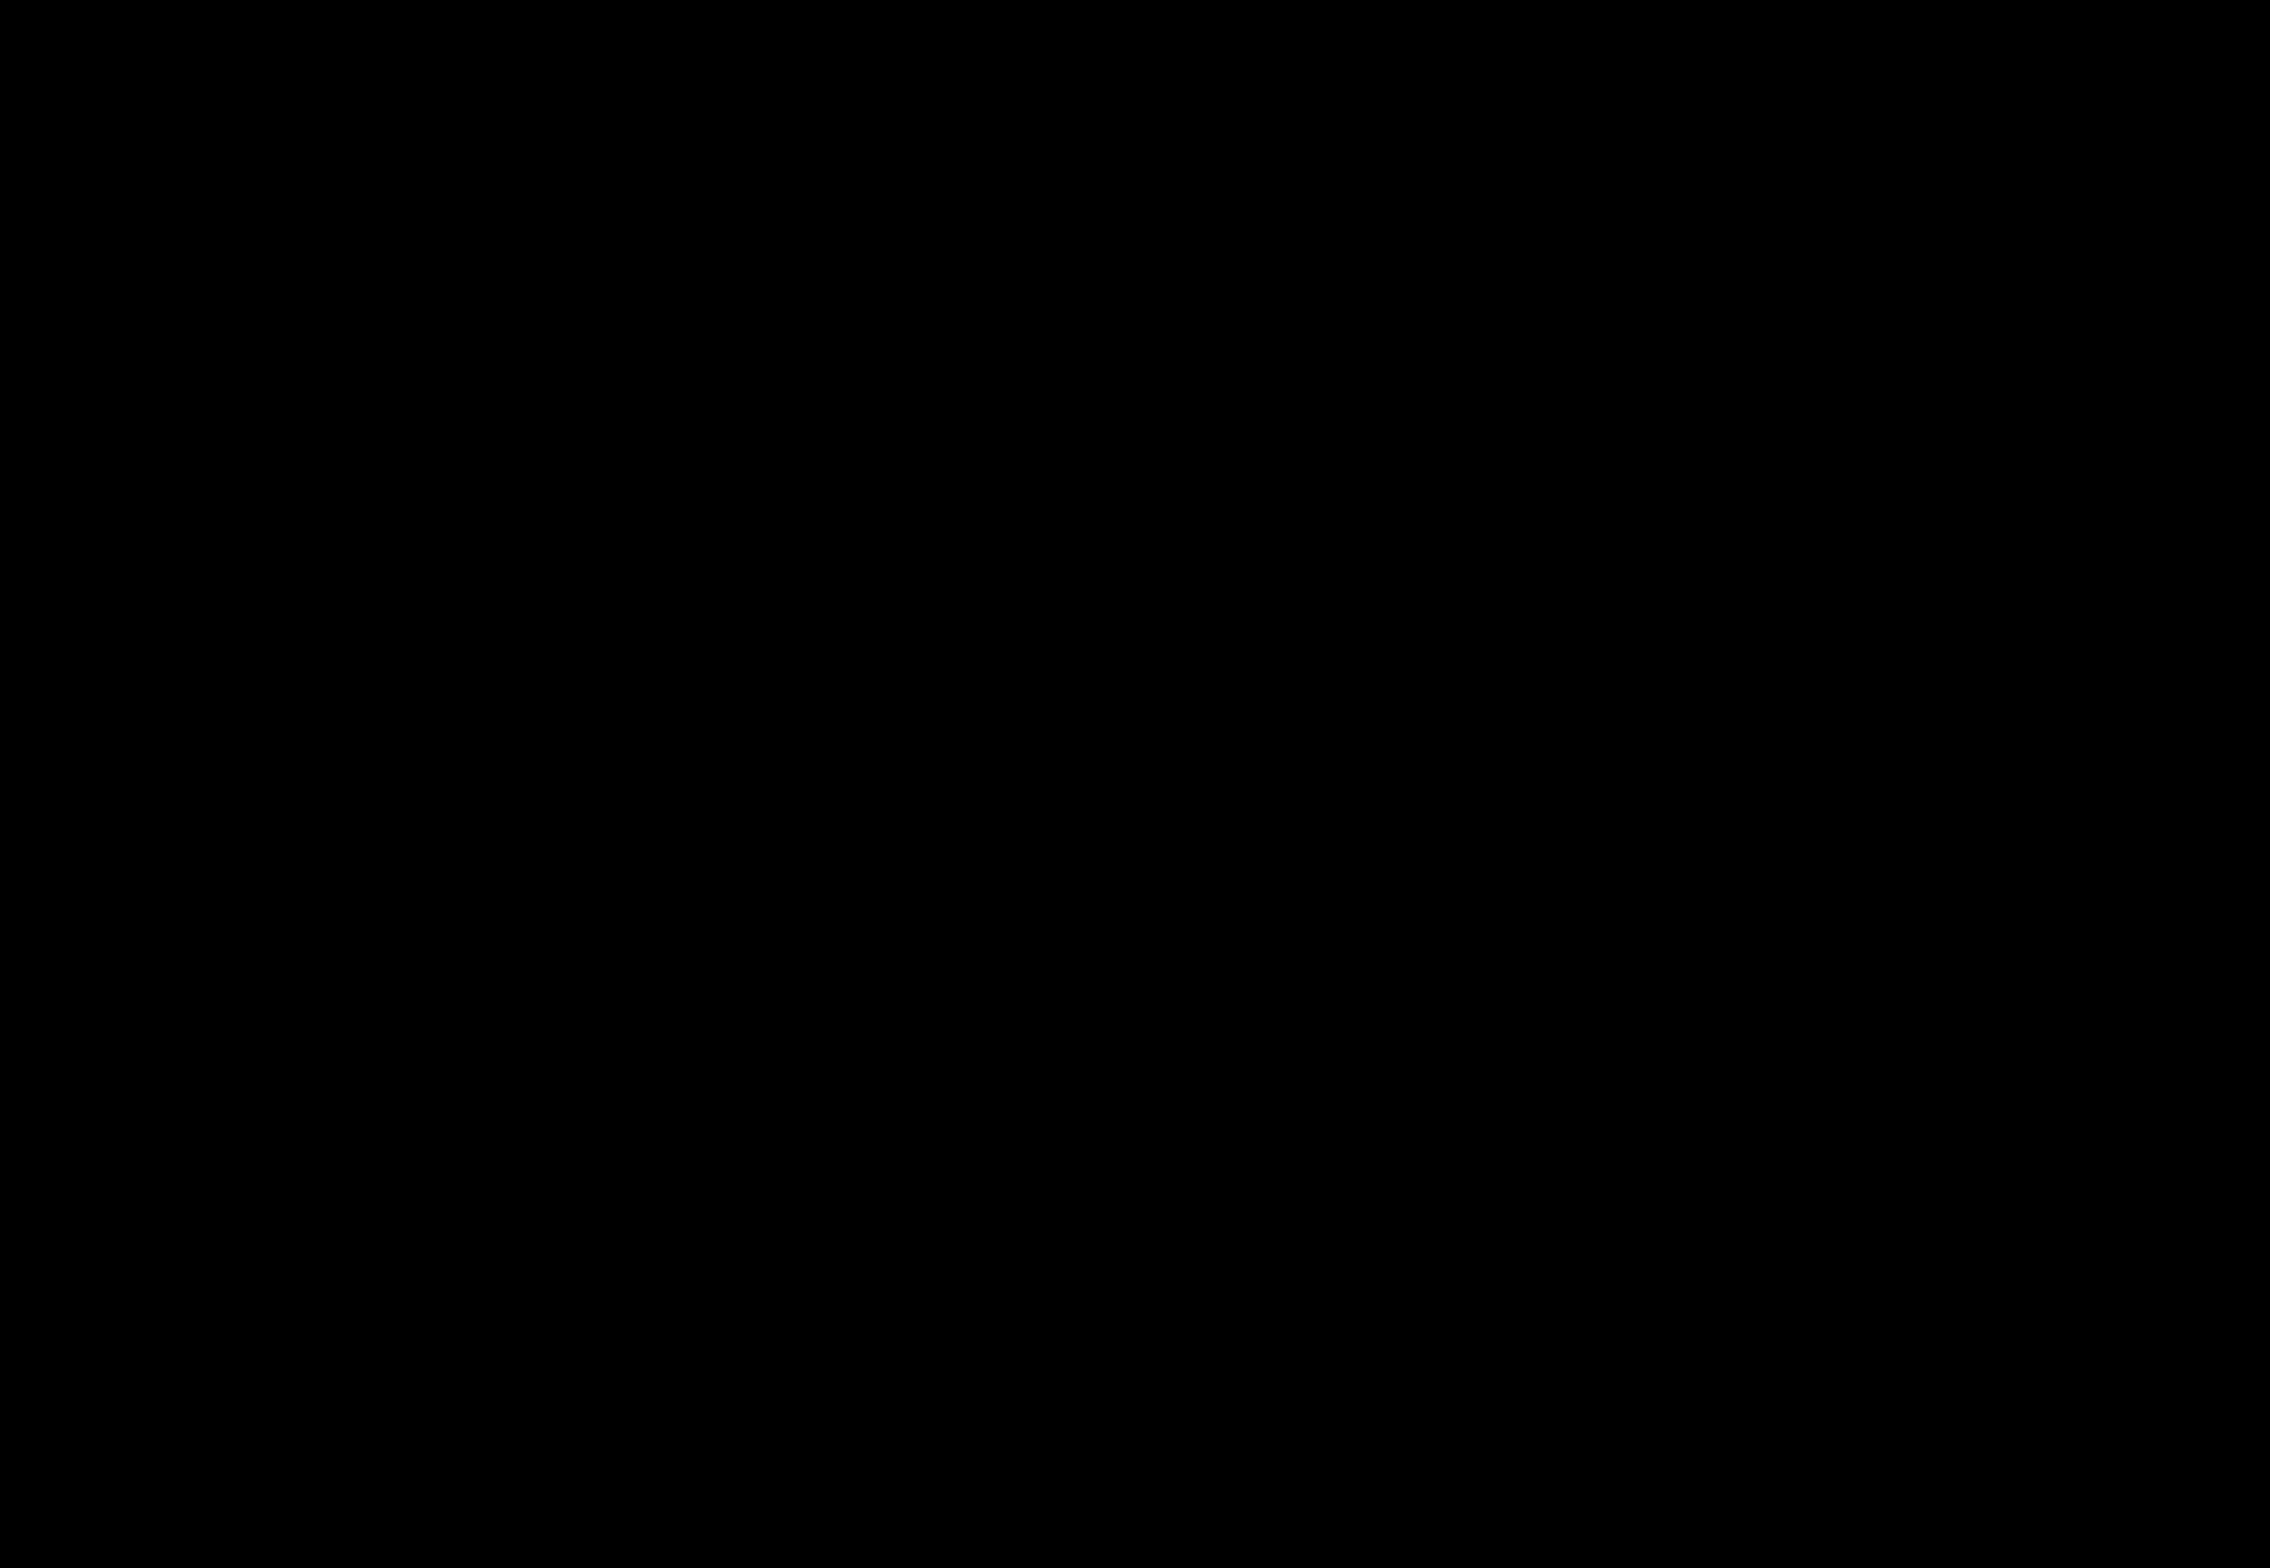 2270x1568 Mammal Clipart Eliphant